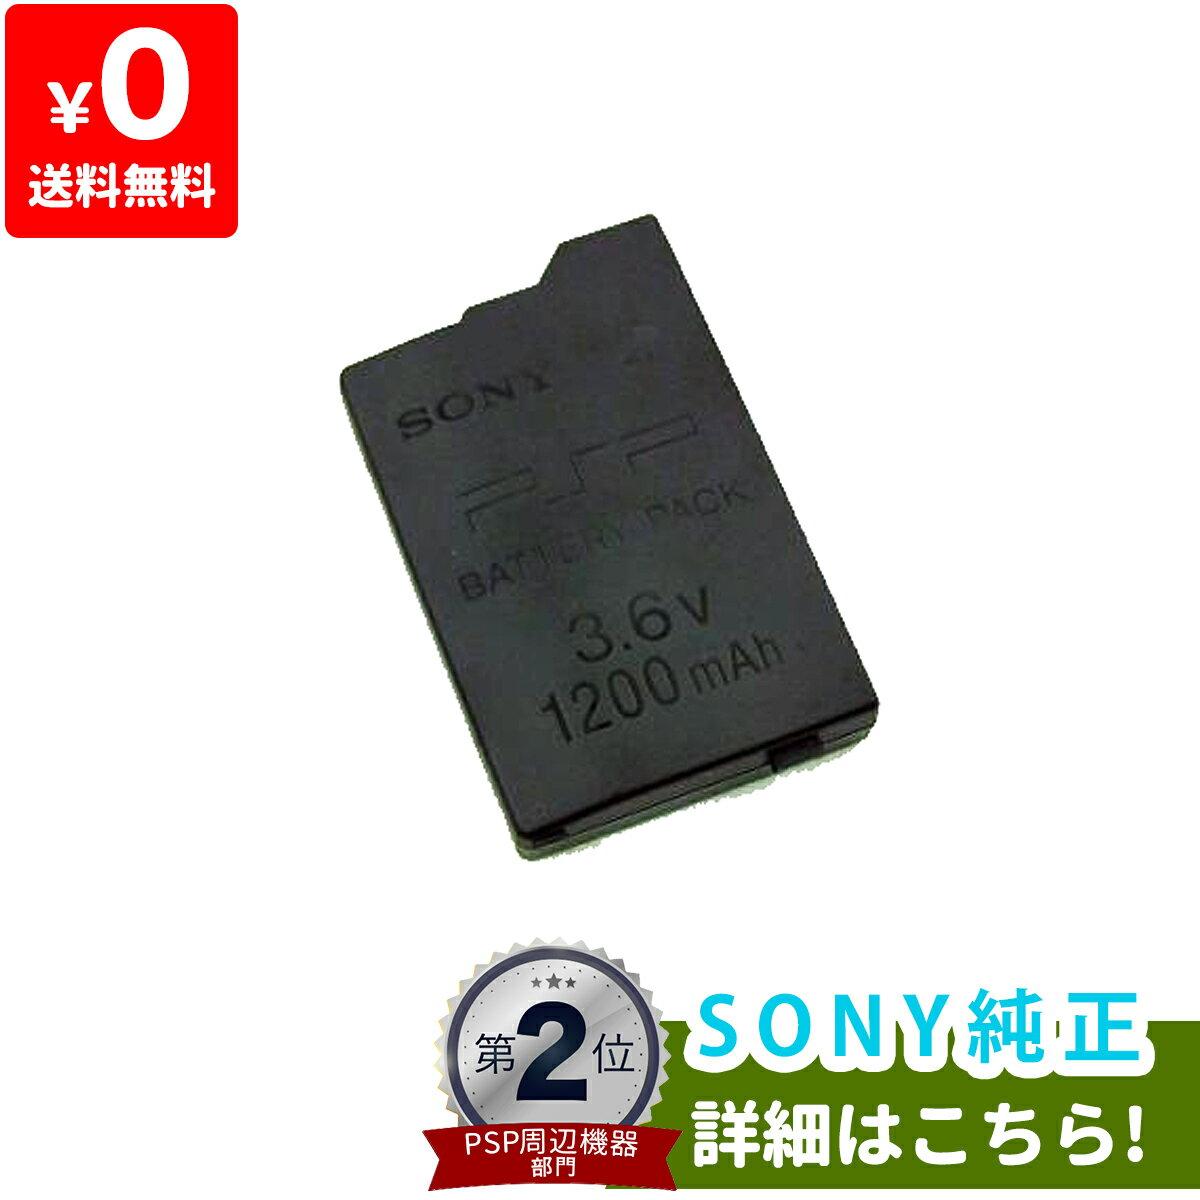 PSP バッテリーパック 1200mAh 2000 3000 バッテリー 本体 ソニー SONY 純正 中古 4948872411585 送料無料